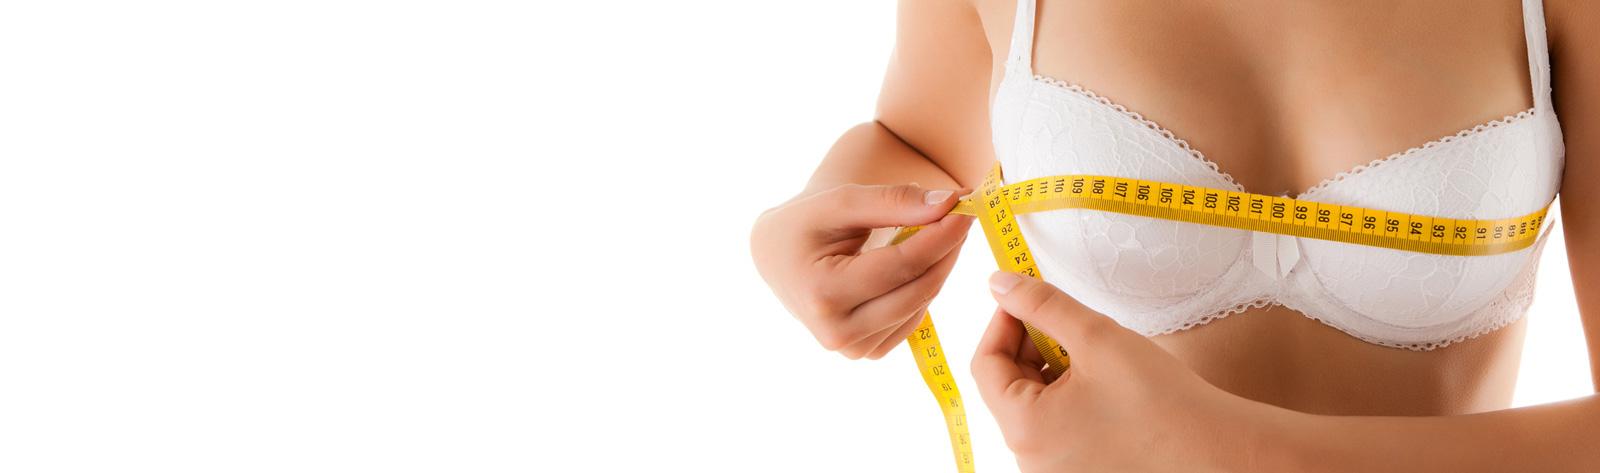 Odpowiadamy na najczęściej zadawane pytania dotyczące redukcji piersi